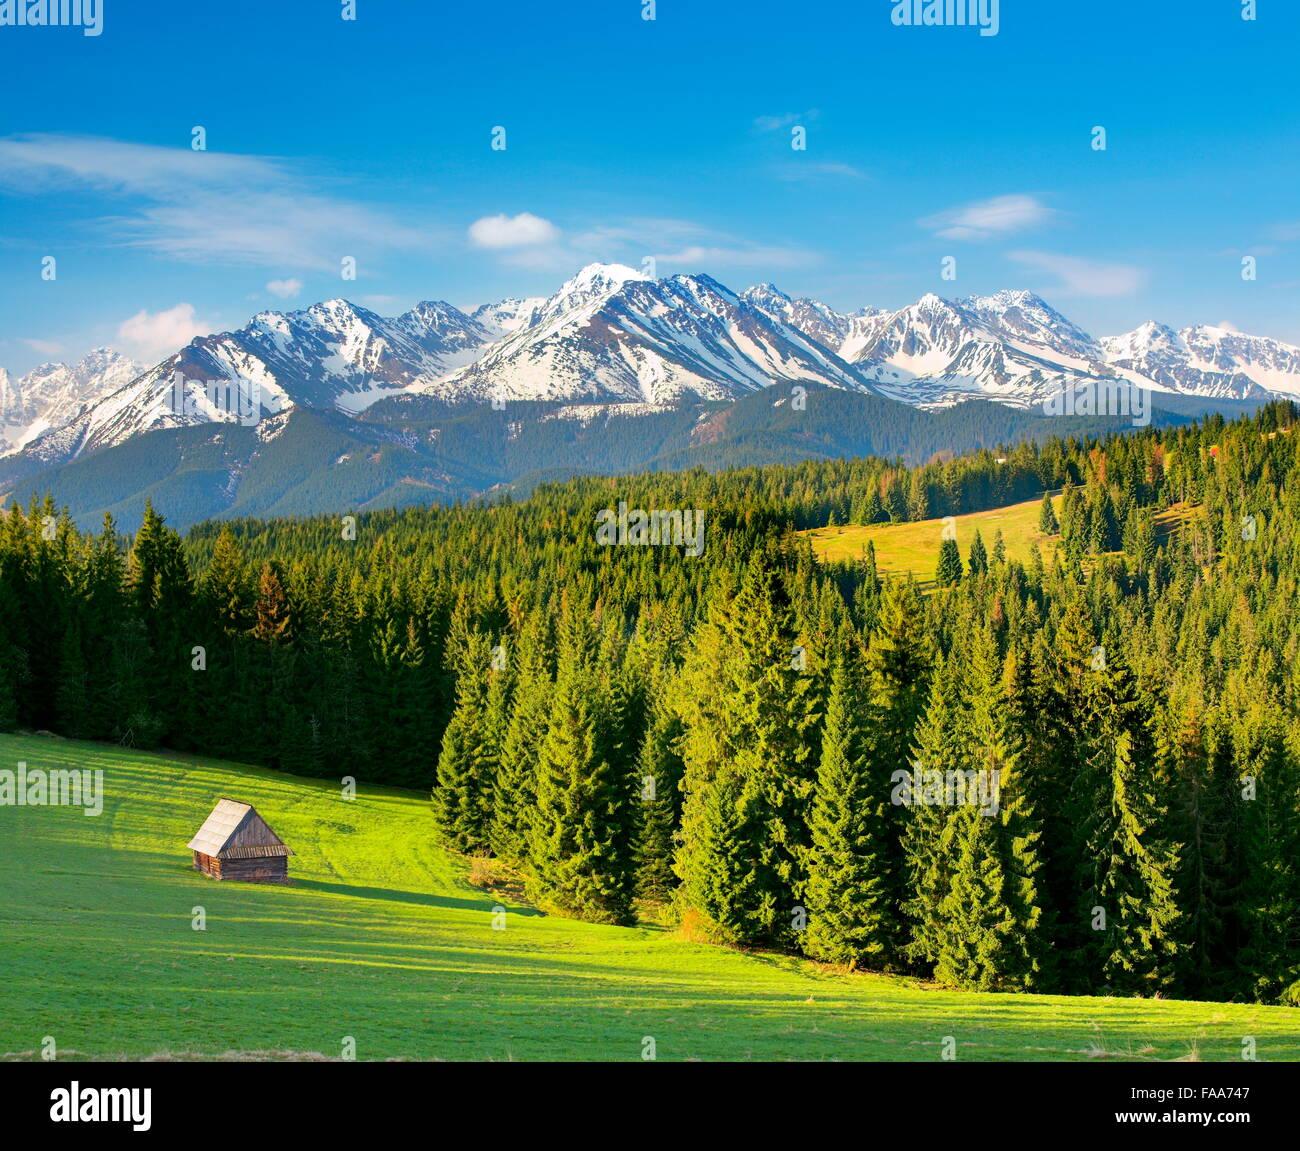 Szymkowka Glade,Tatra Mountains, Poland - Stock Image